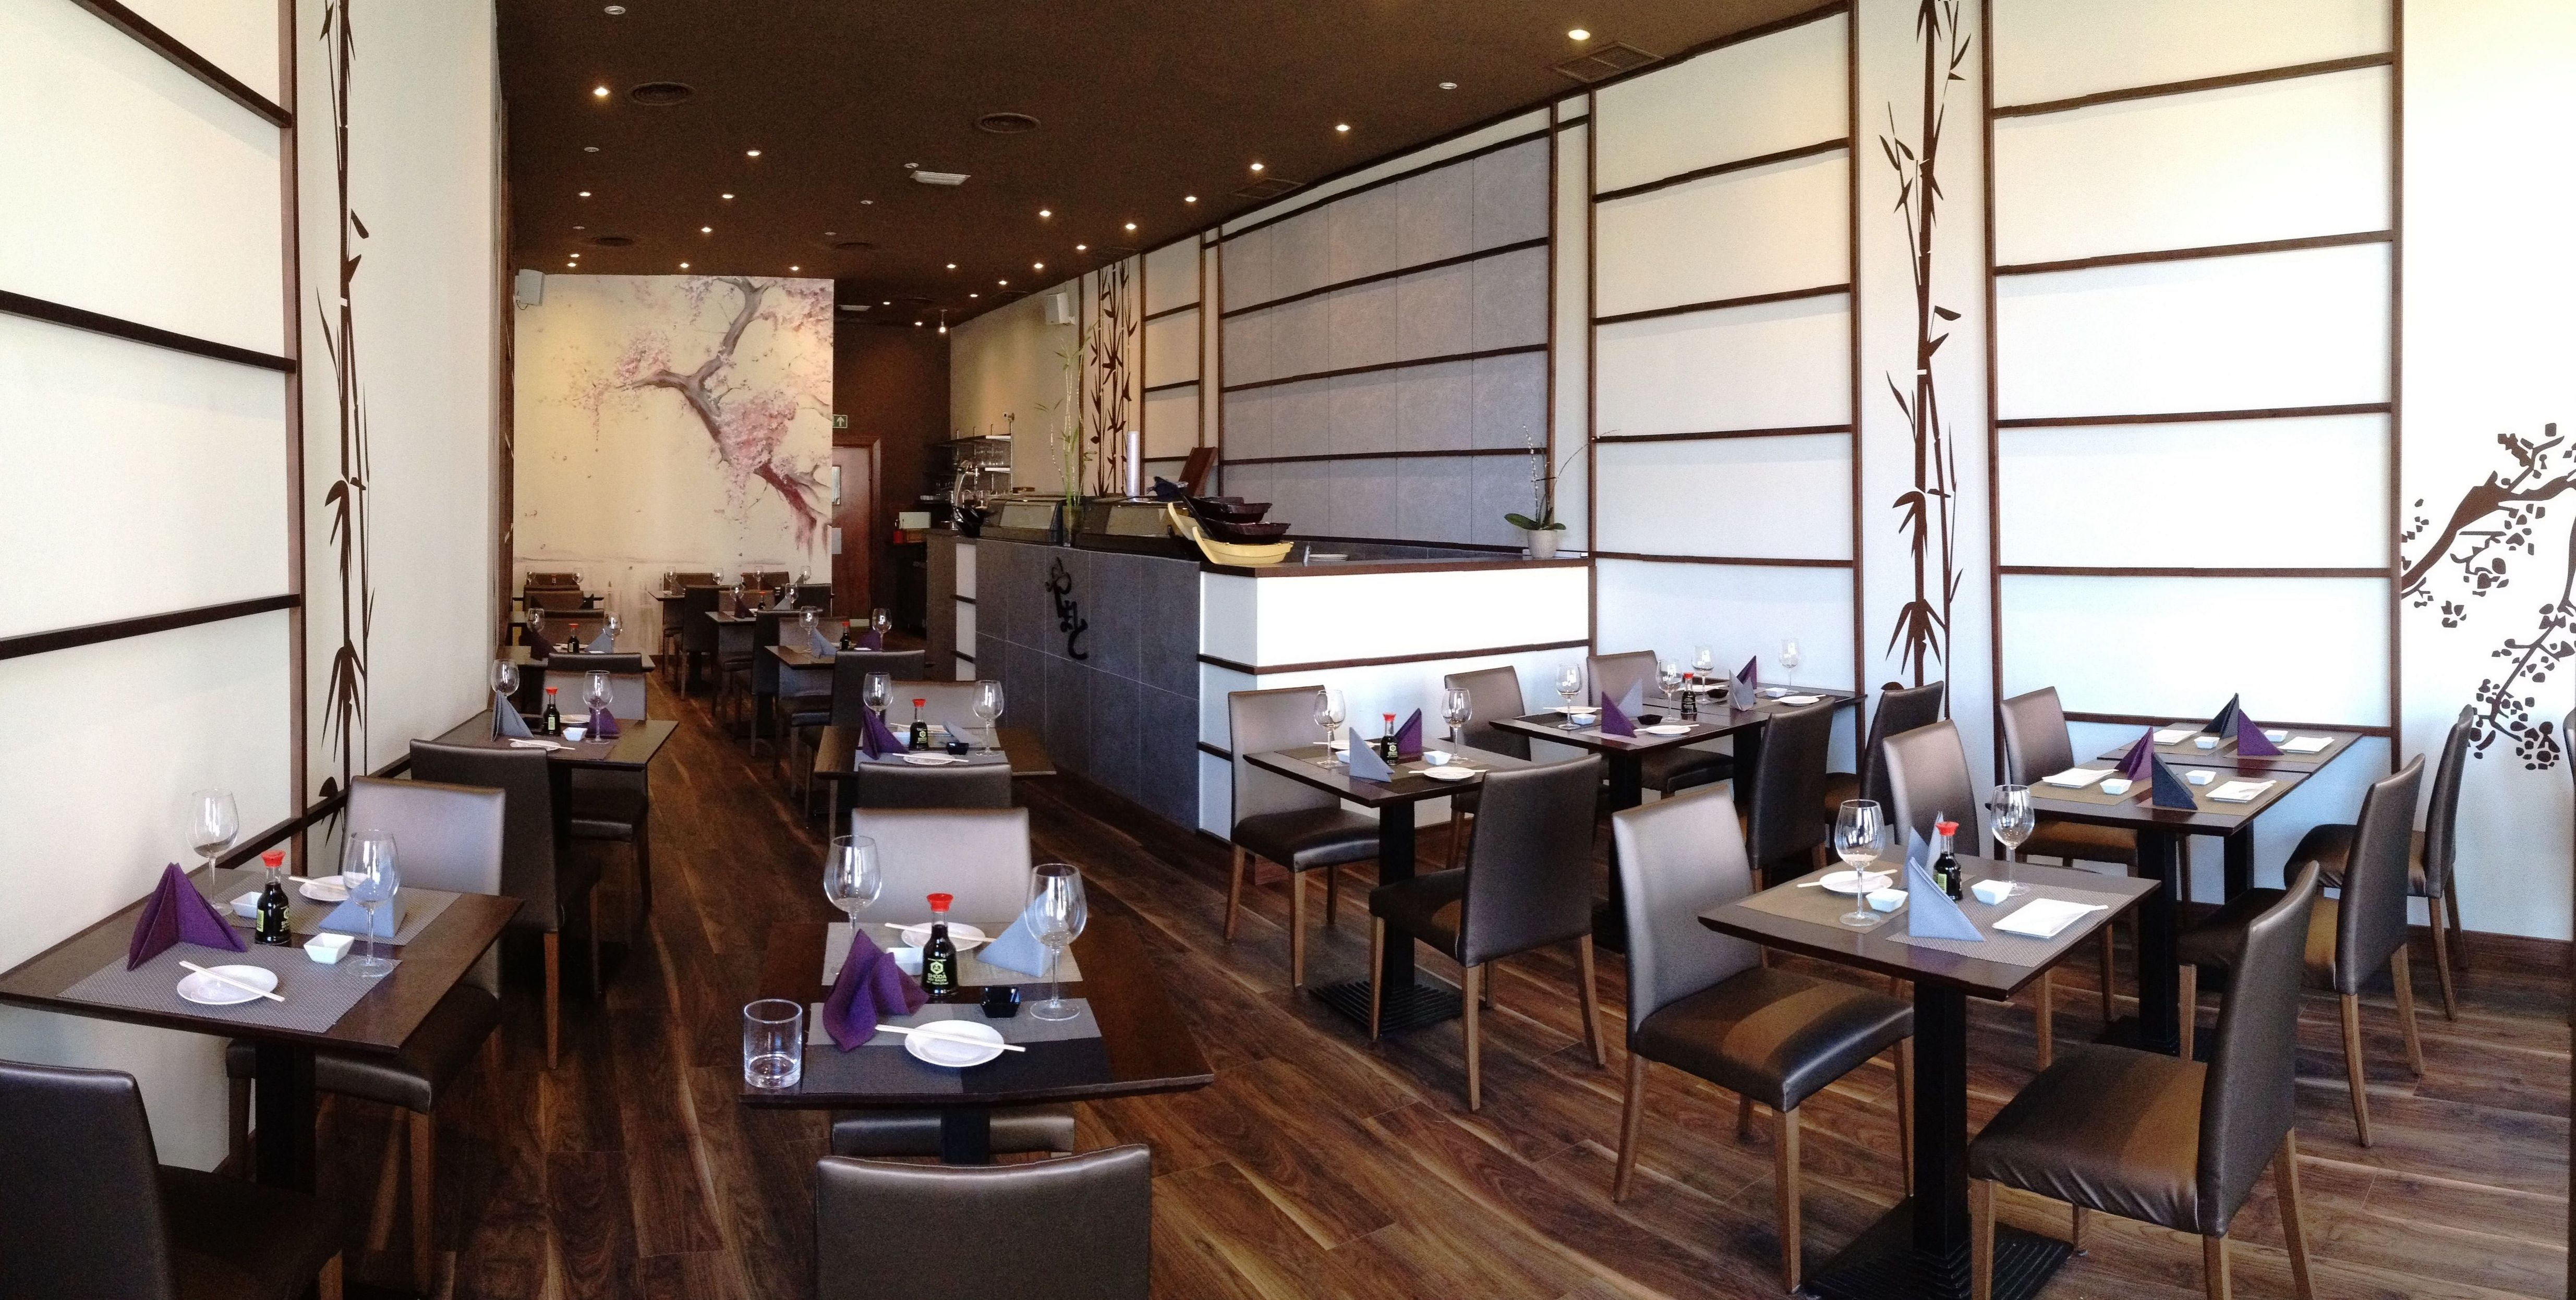 Restaurante de referencia de la gastronomía japonesa en Madrid